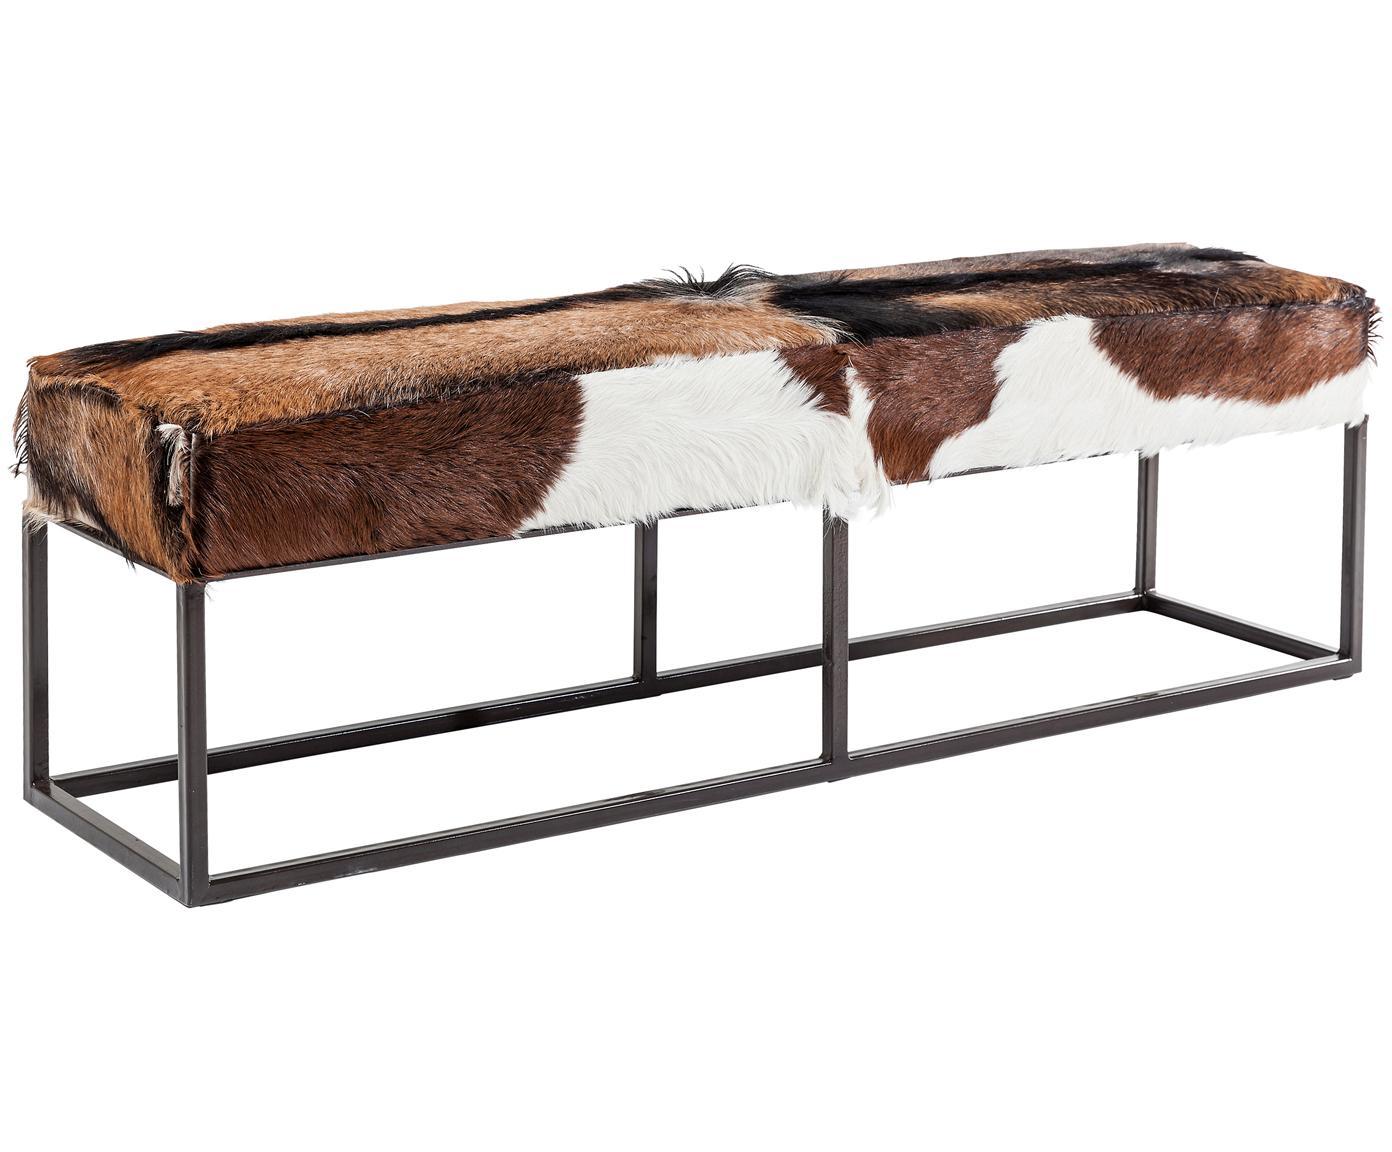 Bankje van geitenvacht Country Life, Zitvlak: geitenvacht, Frame: gelakt staal, Zitvlak: geitenvacht. Frame: staalkleurig, 140 x 47 cm